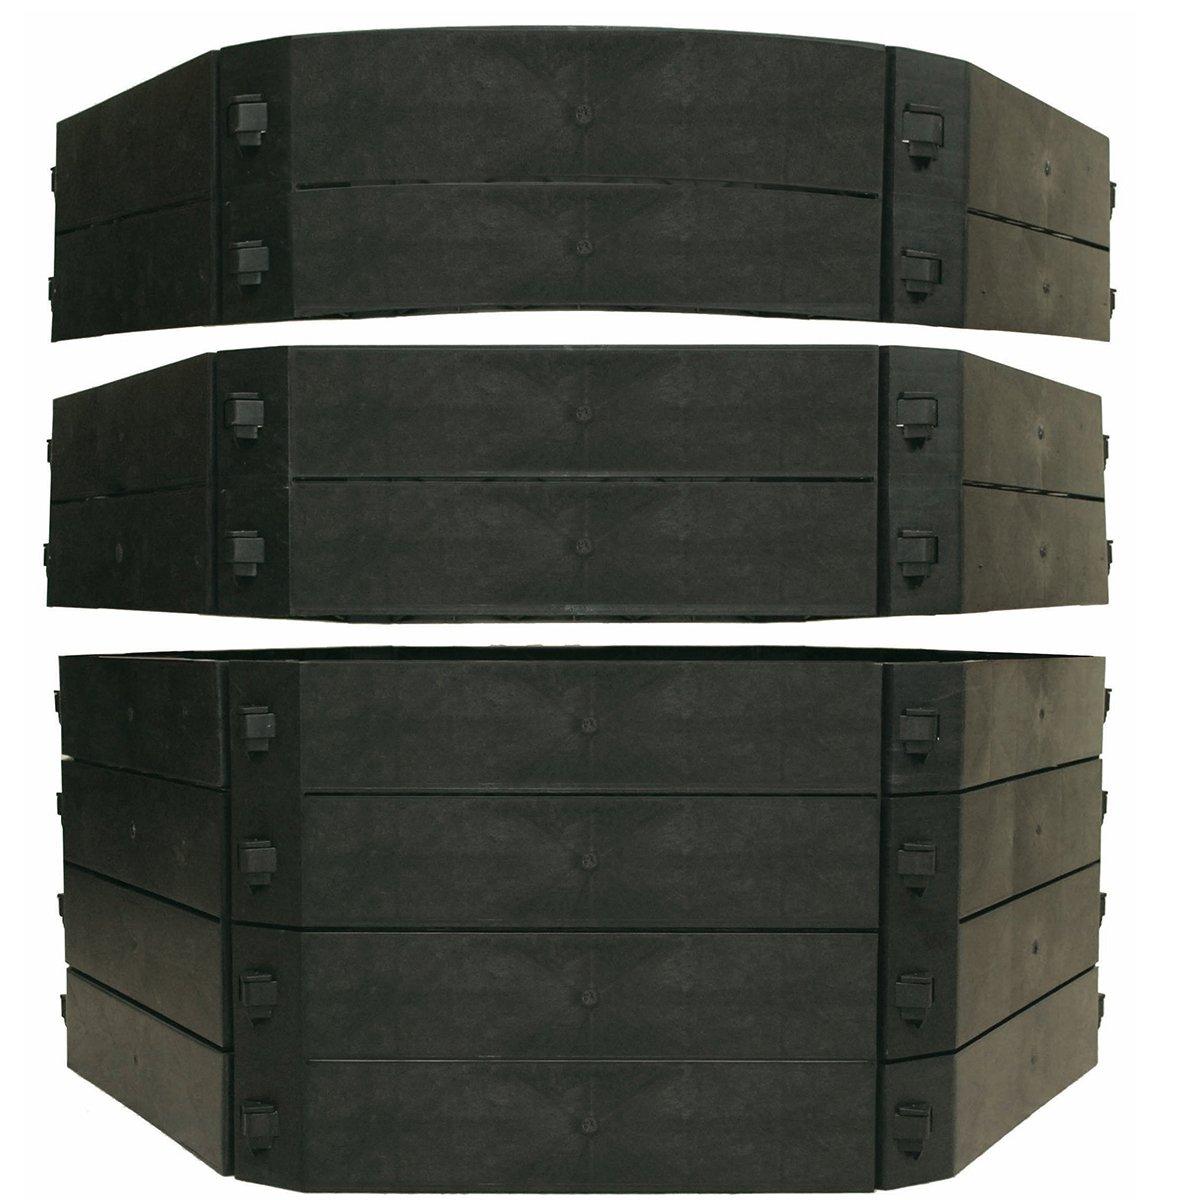 KHW Komposter Schnellkomposter Aufbausatz, 250 L, schwarz 55019